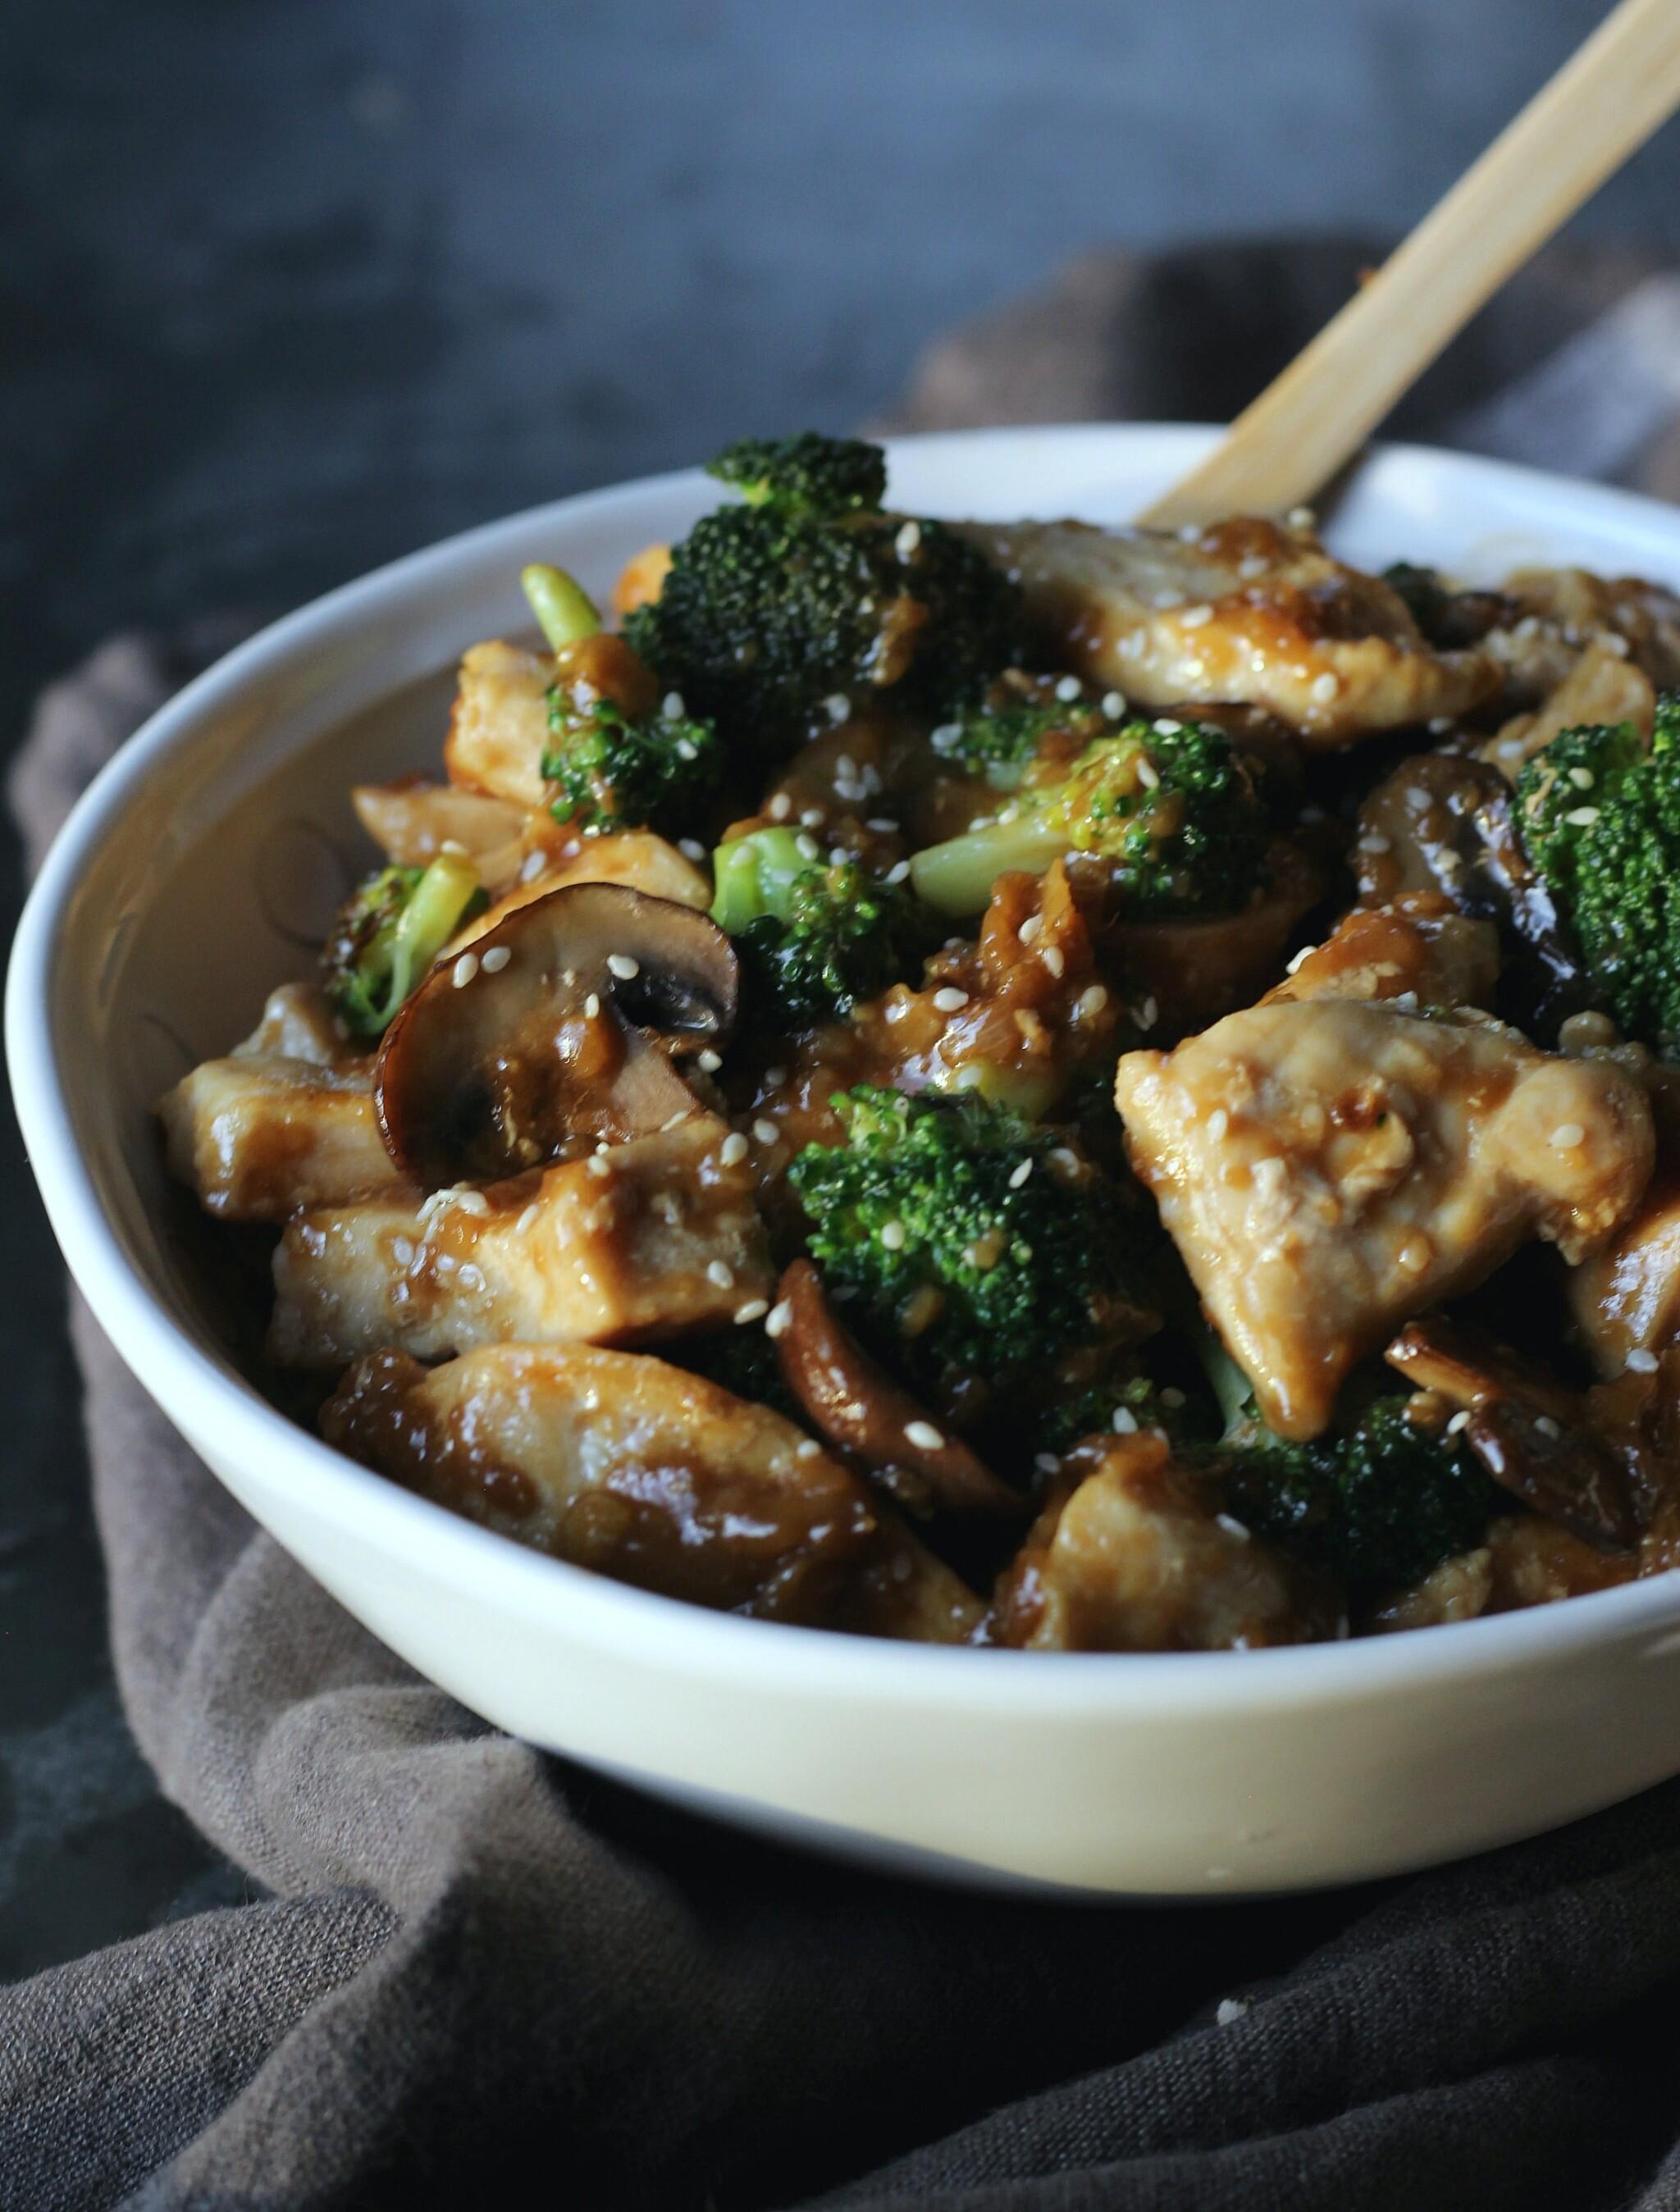 Chicken-Broccoli-Stir-Fry | gardeninthekitchen.com